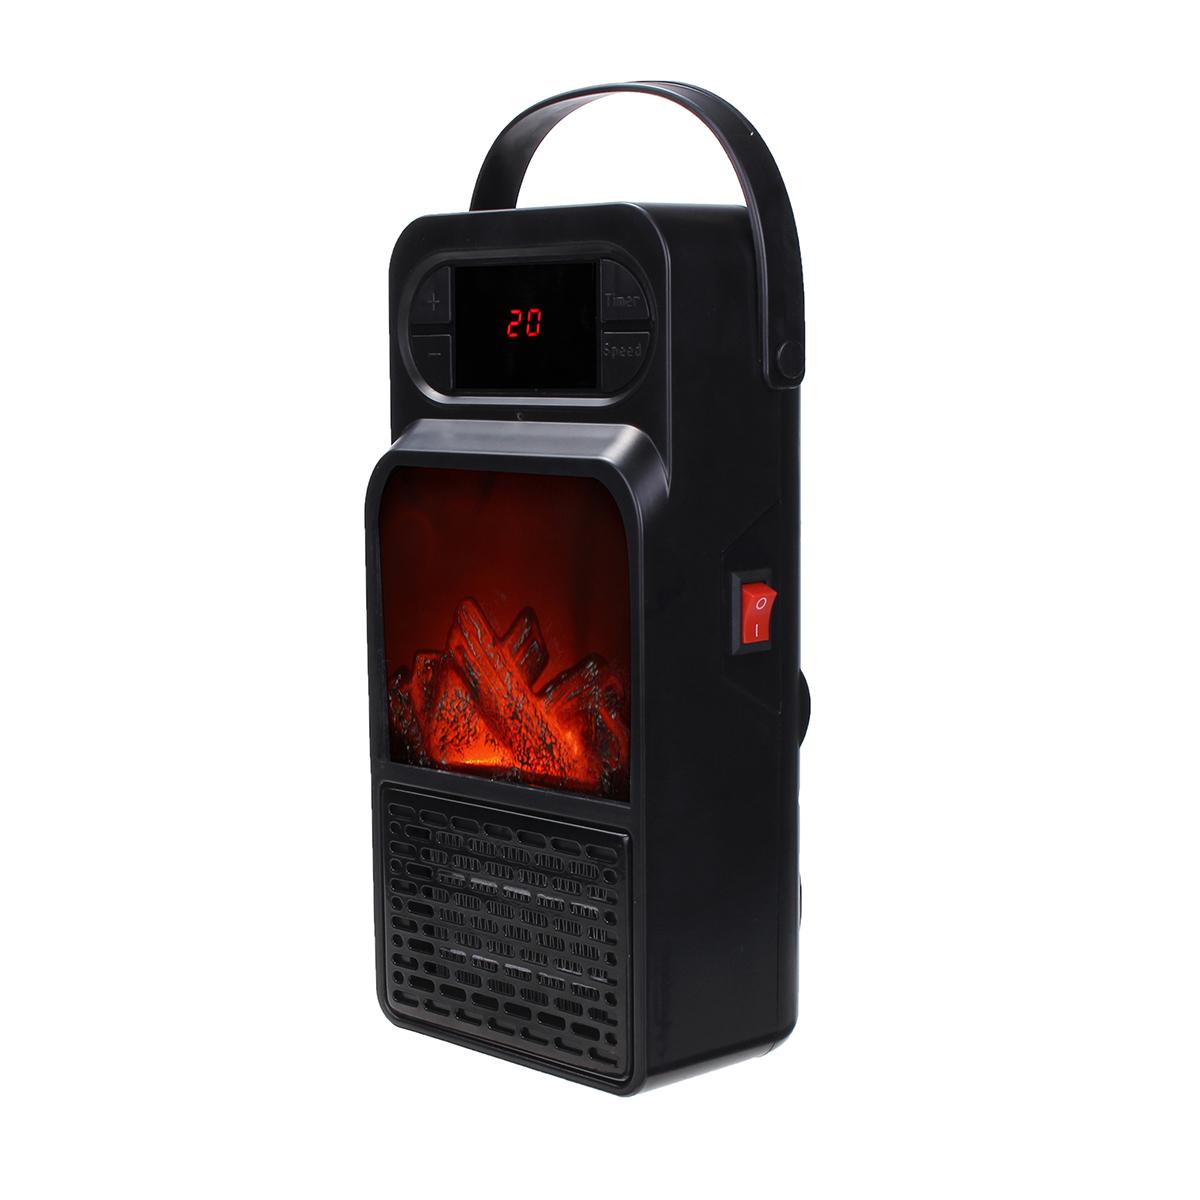 В 900 Вт Мини Портативный Электрический Нагреватель Вентилятор Горячий Вентилятор Дома Гаражи Офис Теплее Зимой